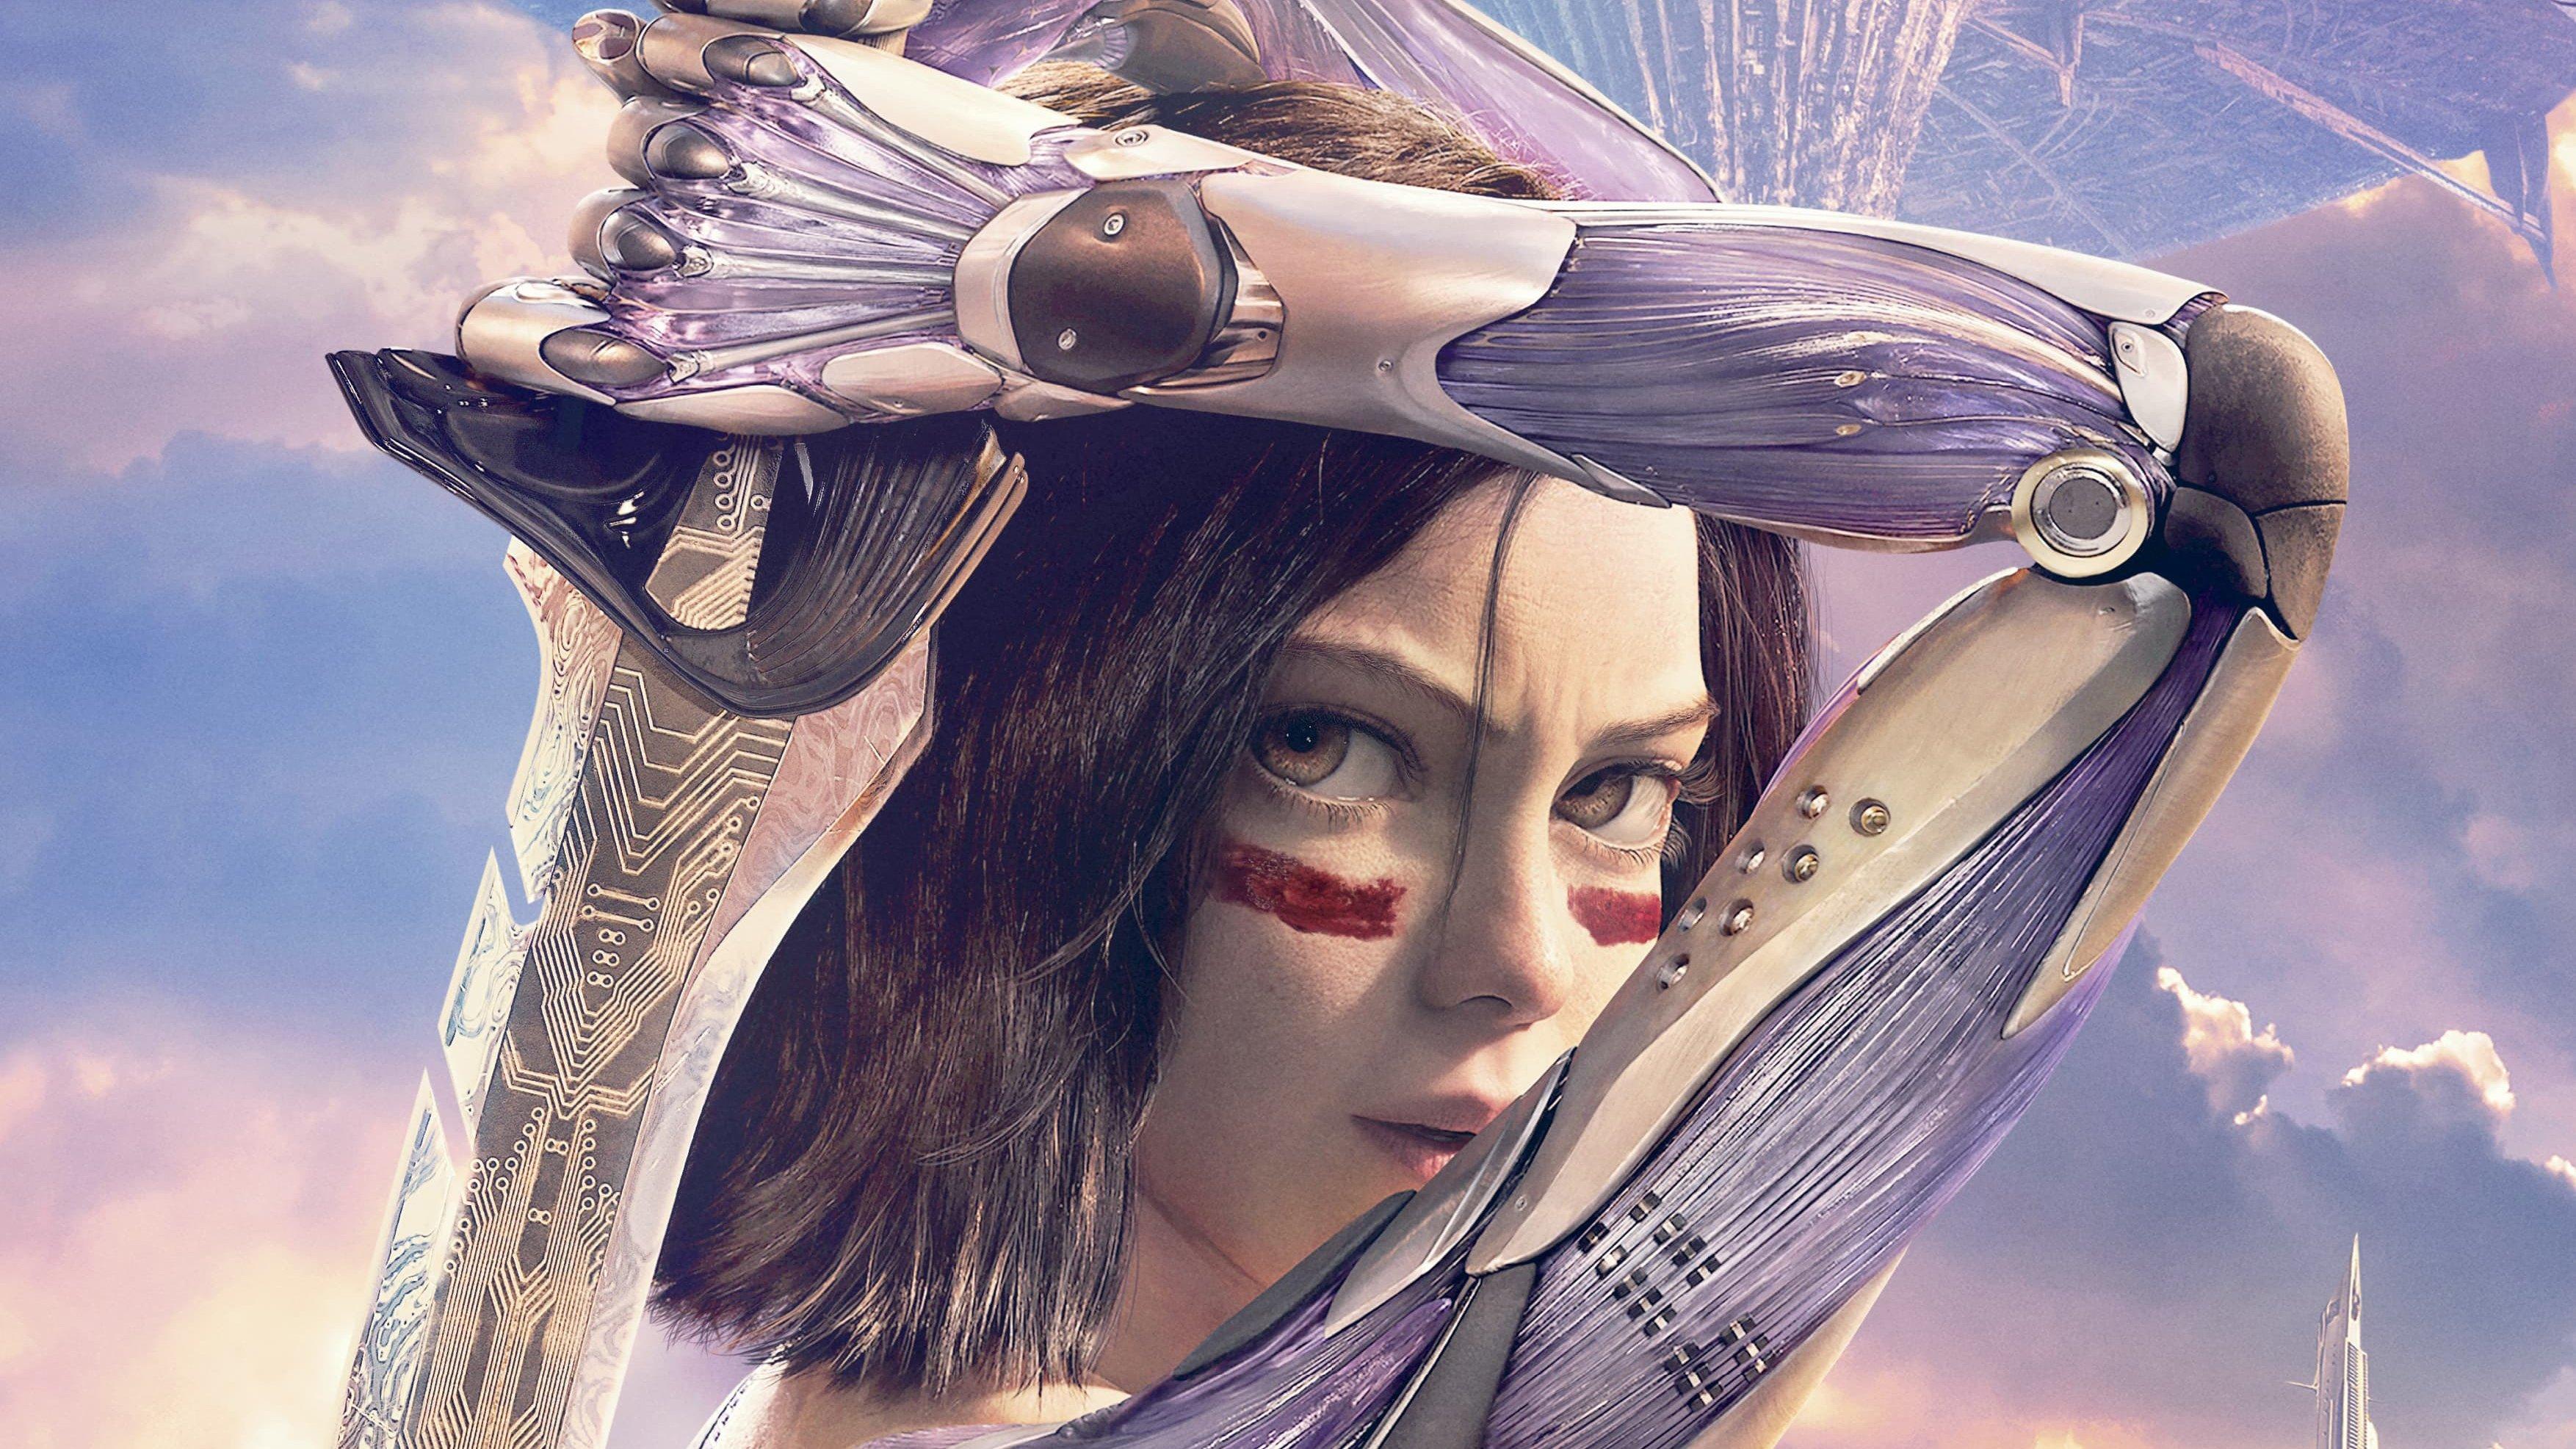 Fondos de pantalla Battle Angel: la última guerrera Fanart